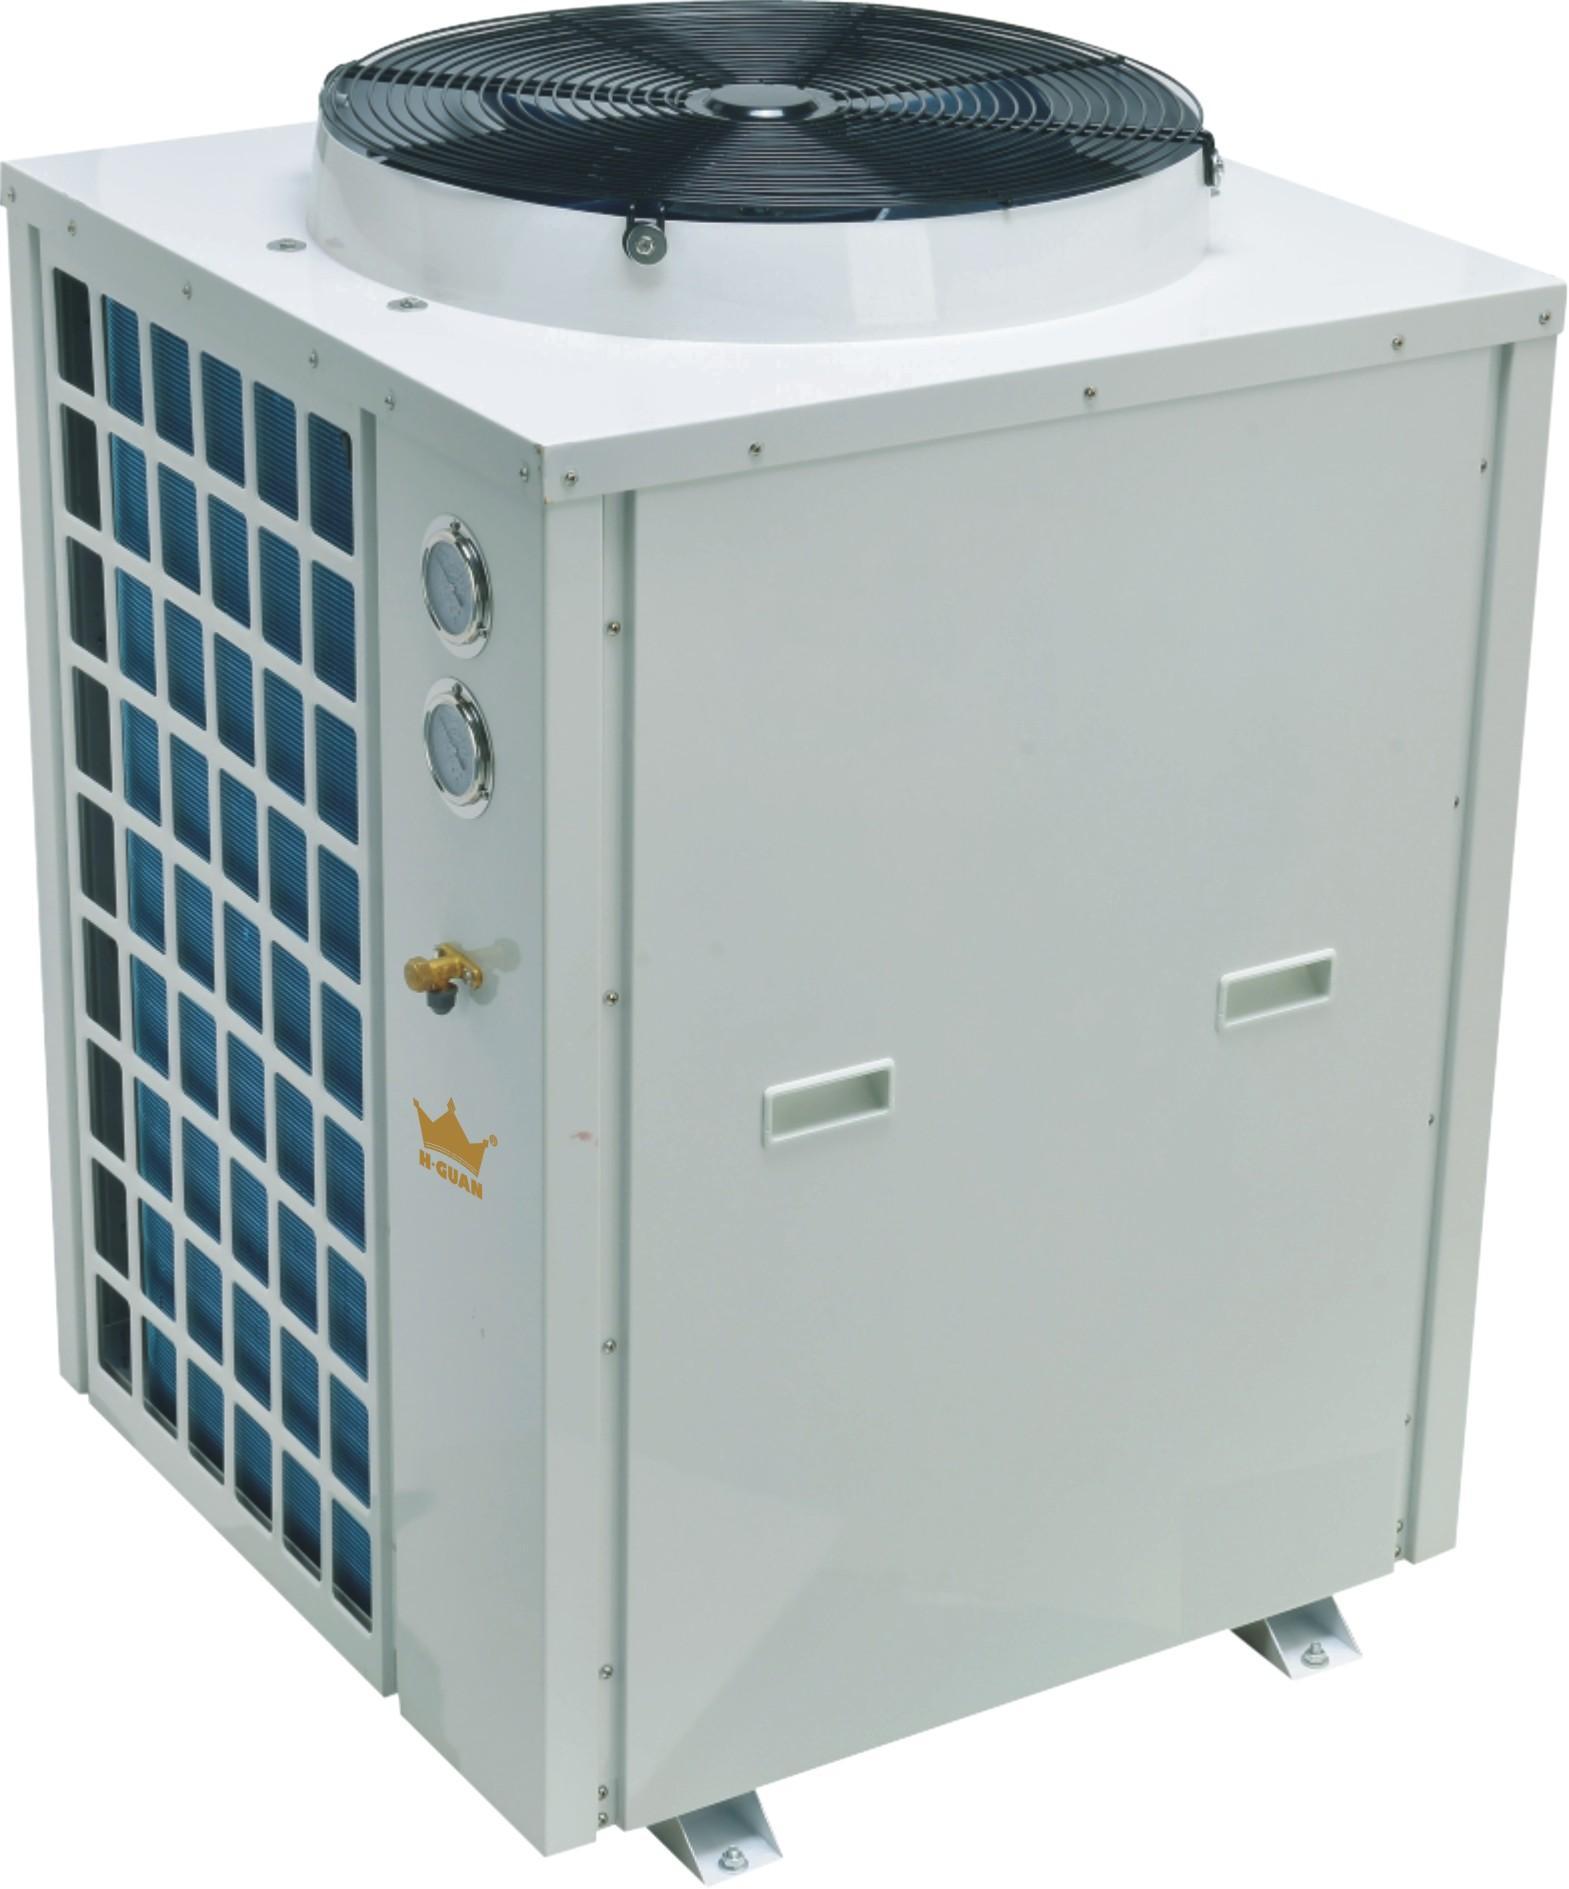 供应中山价格合理的皇冠空气能|湖南皇冠空气能